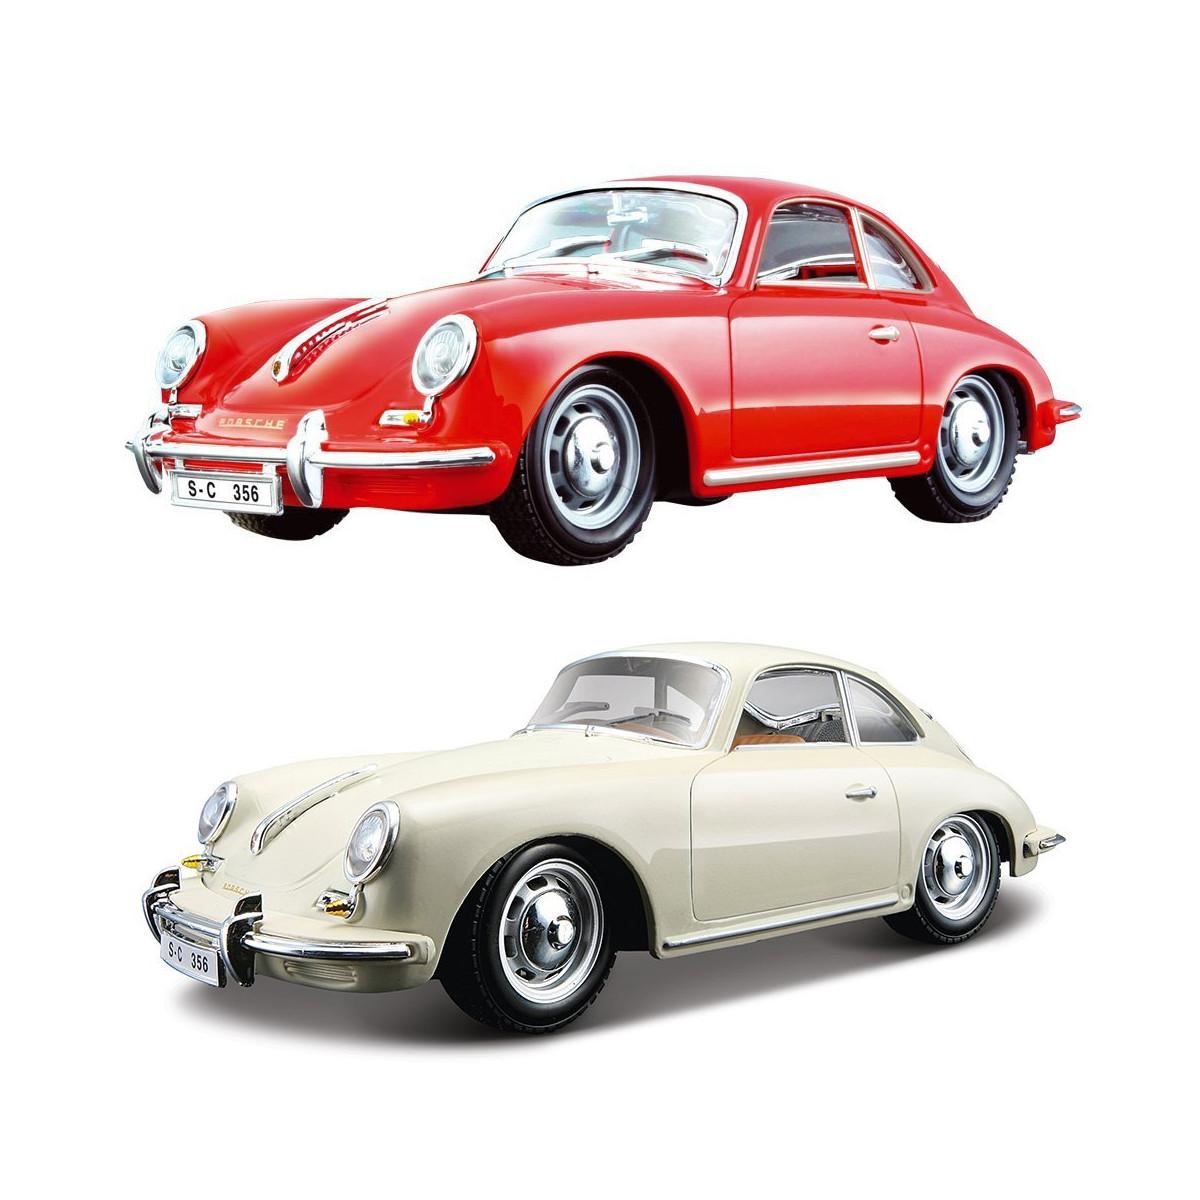 Автомодель - PORSCHE 356B (1961) (асорті слонова кістка, червоний, 1:24), 18-22079